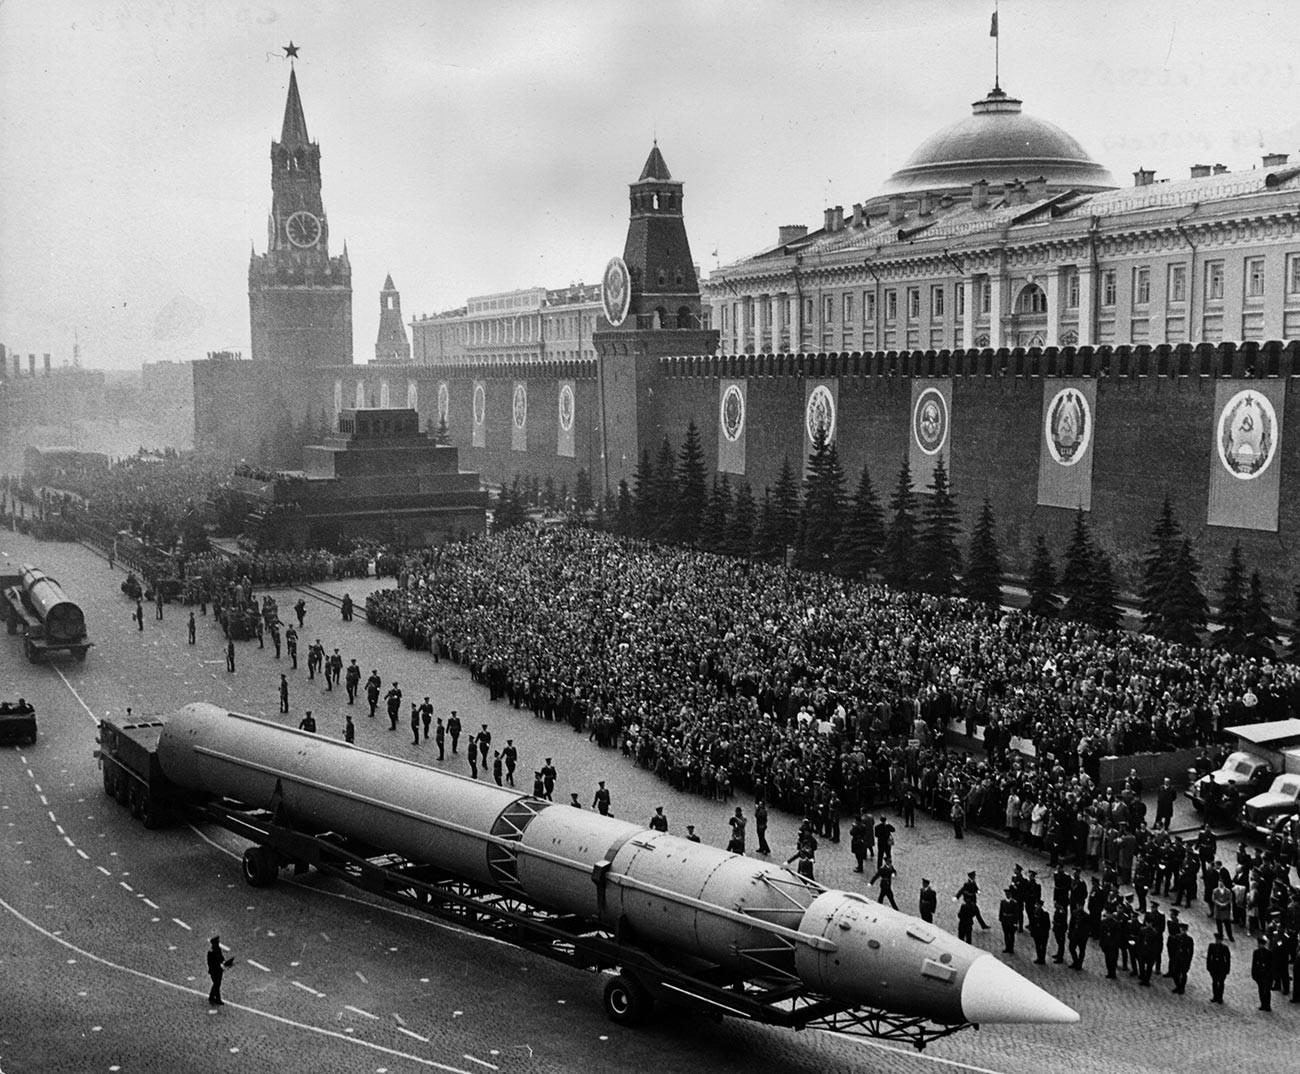 Sovjetska medcelinska balistična raketa na Rdečem trgu med parado ob 20-letnici konca druge svetovne vojne